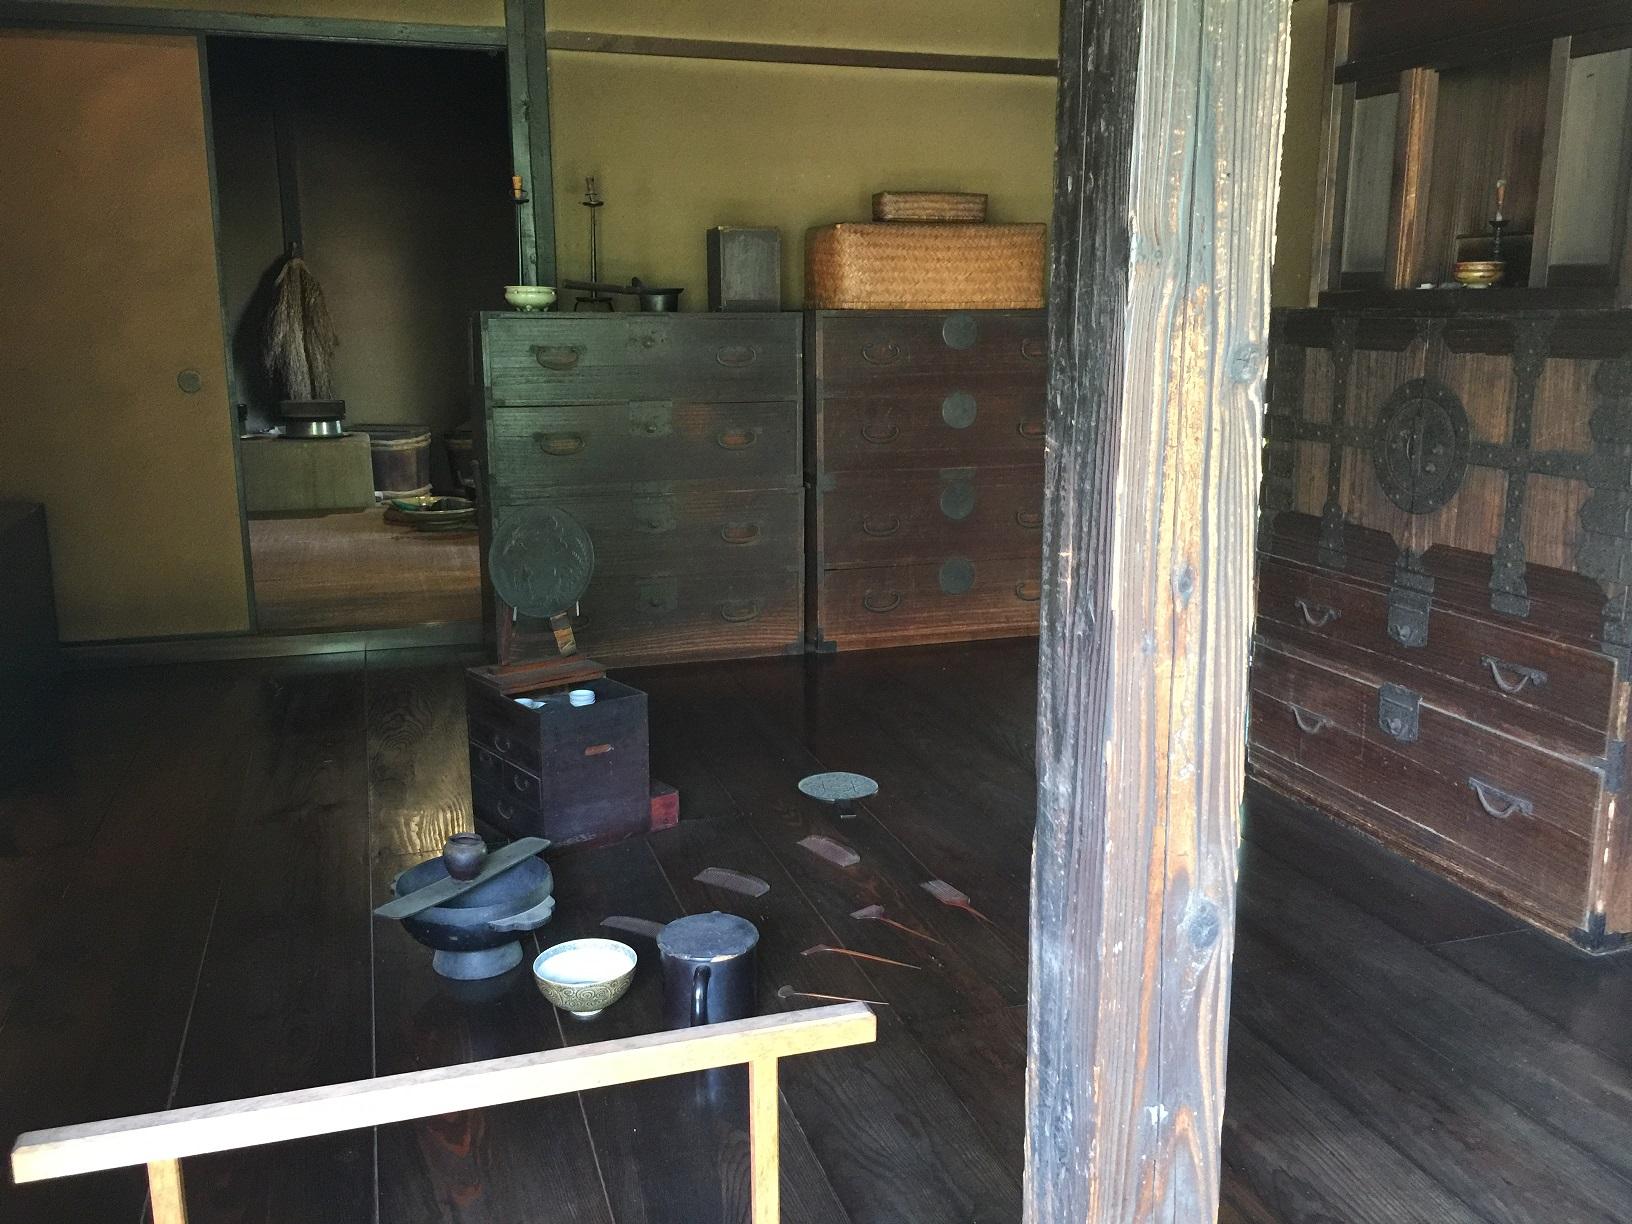 【千葉県佐倉市観光】茅葺き屋根の『武家屋敷』で佐倉藩士の生活に思いをはせる…